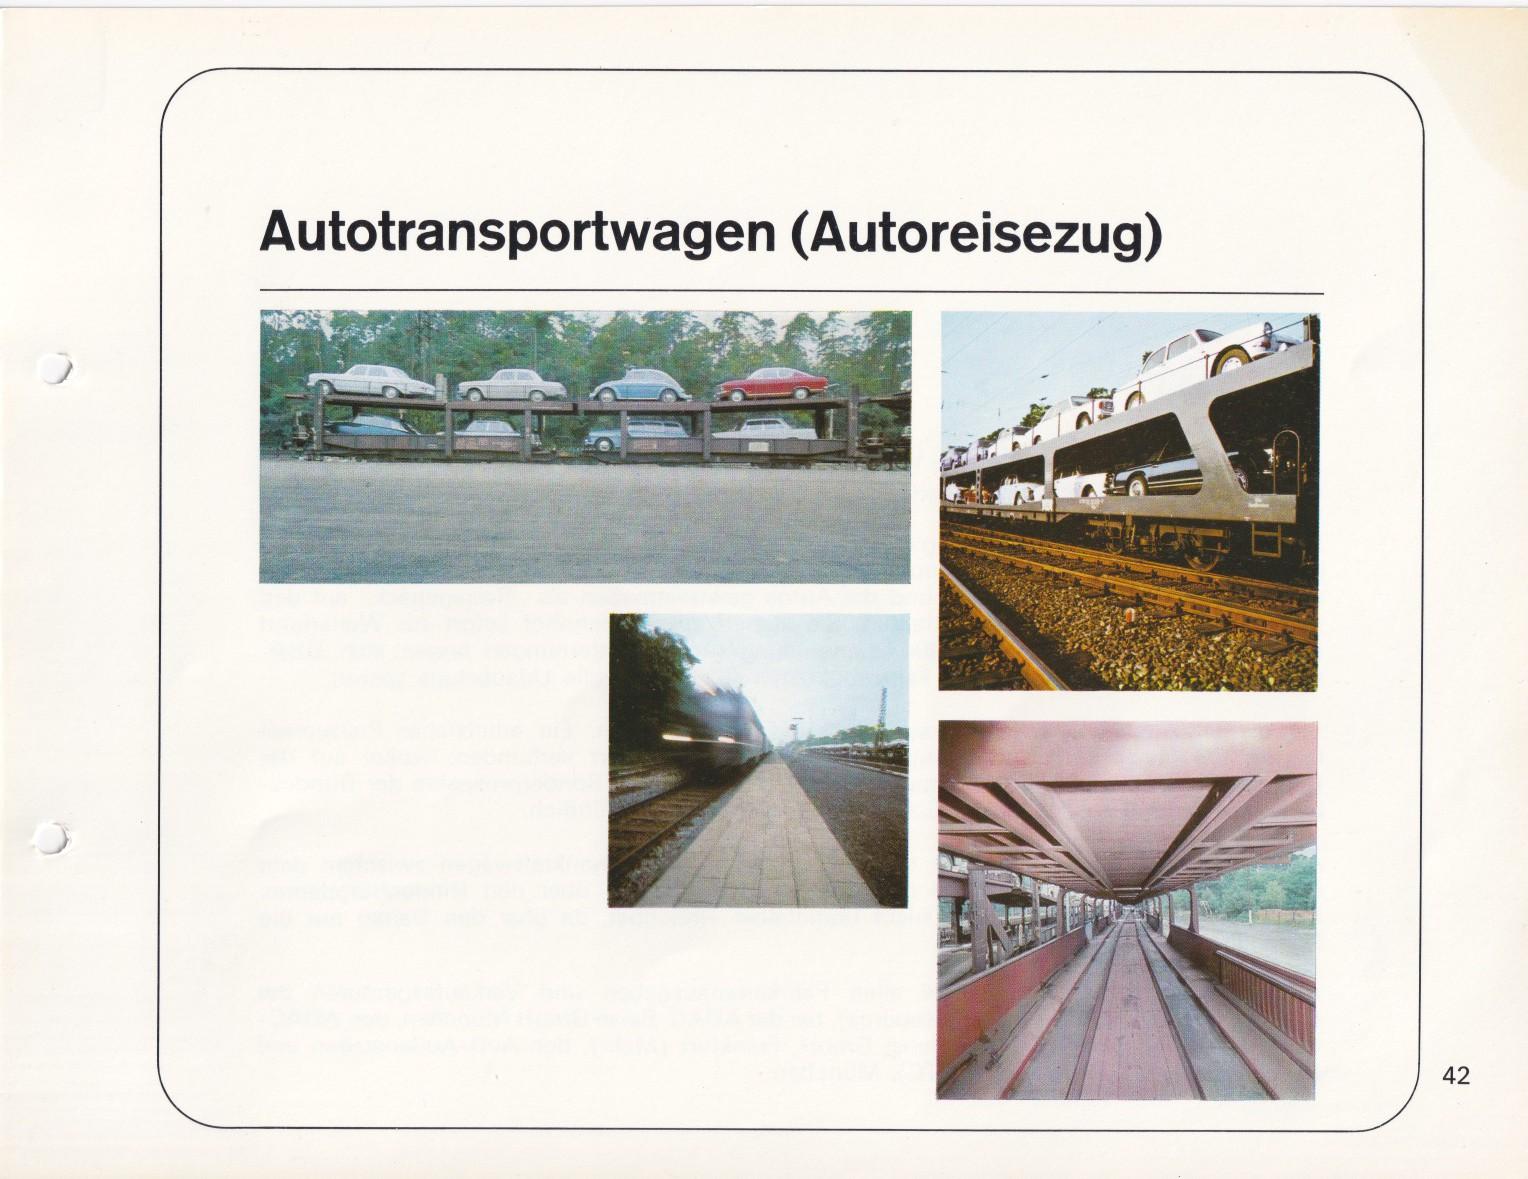 https://www.nullclub.de/hifo/Fahrzeuglexikon/Wagen42a.jpg